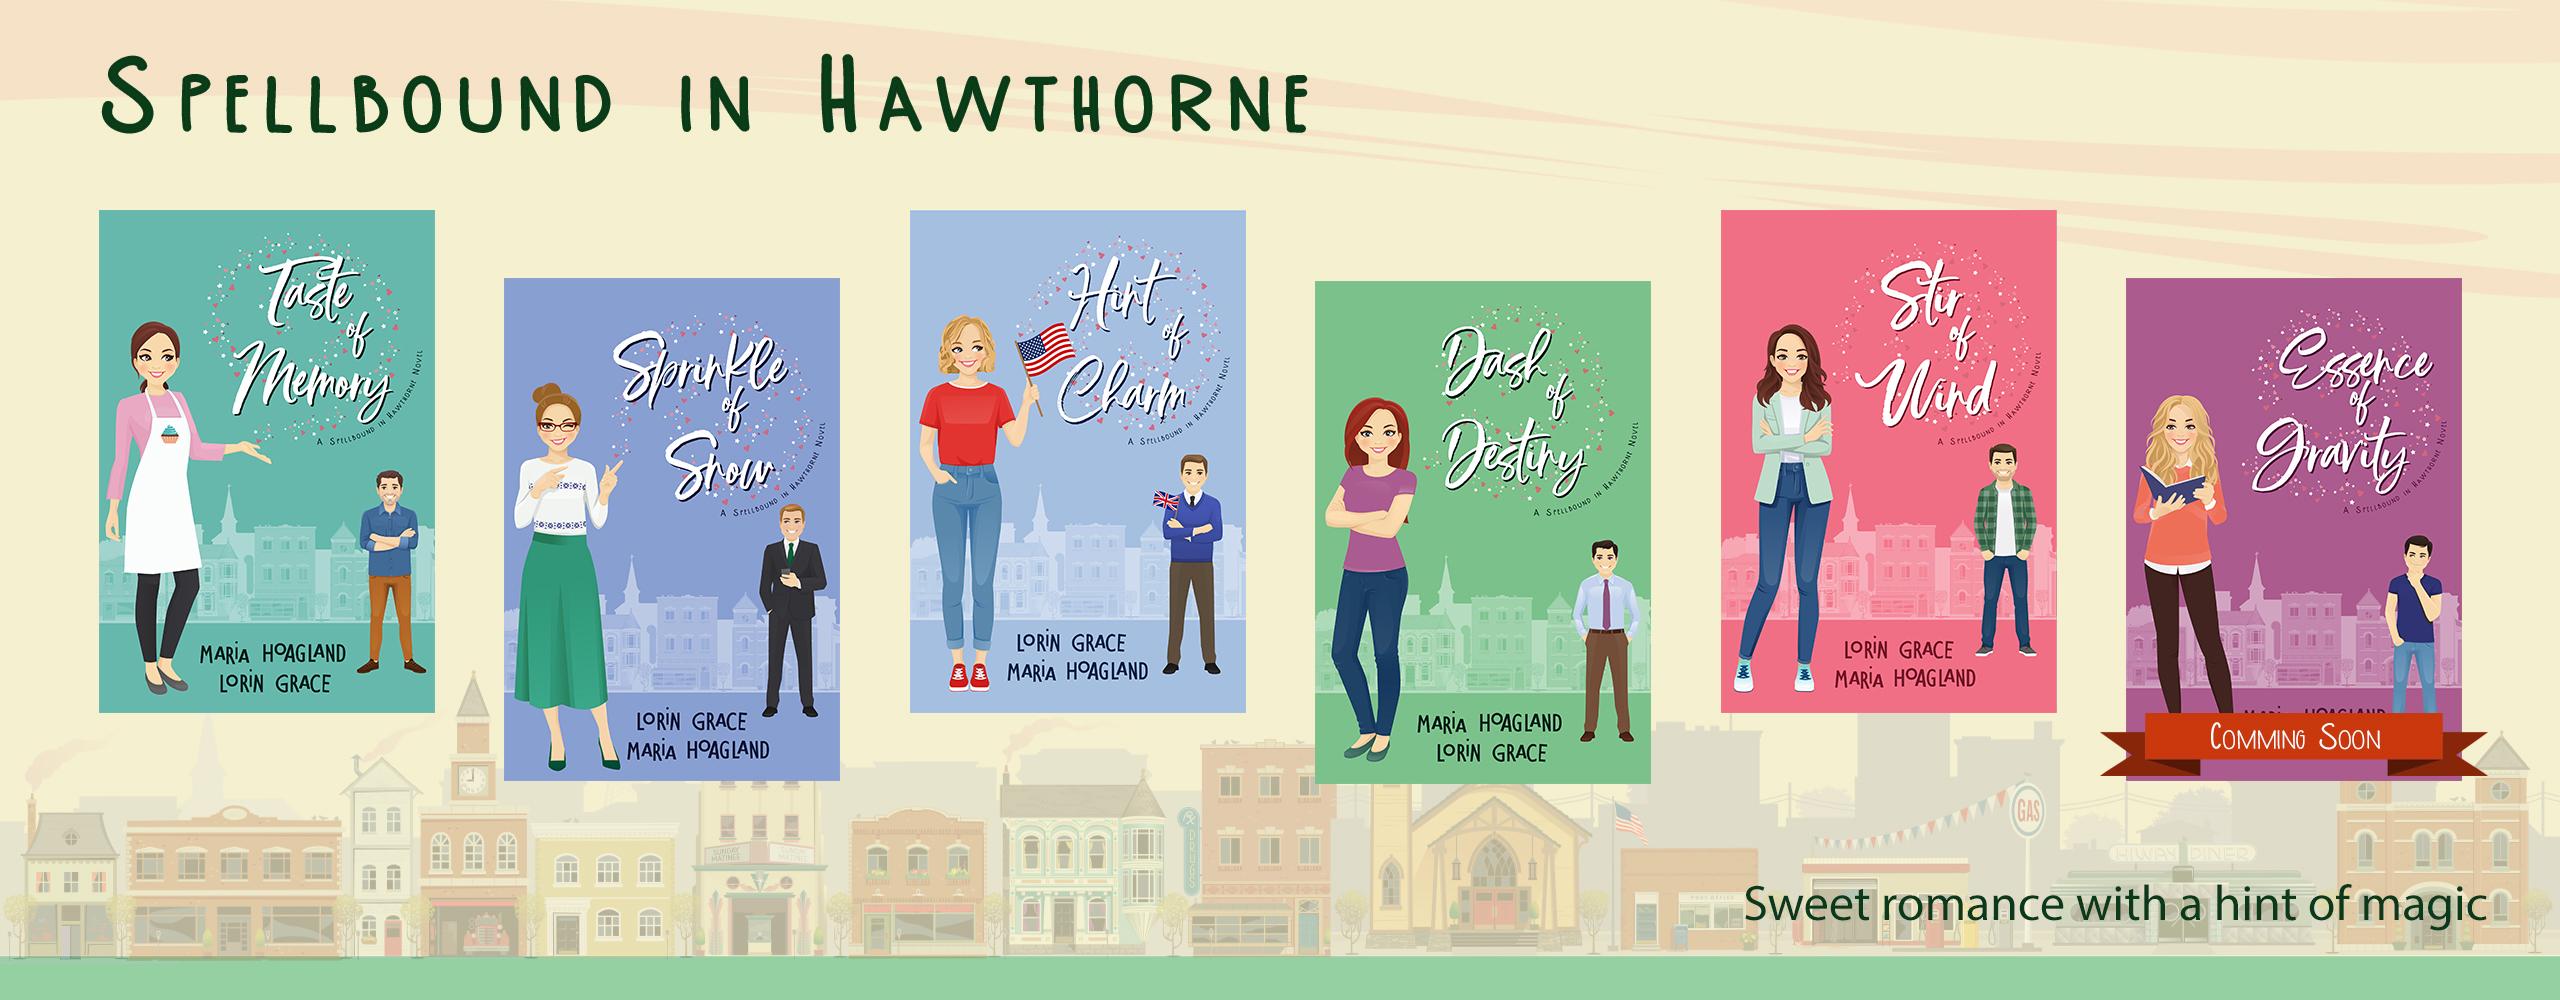 Spellbound in Hawthorne